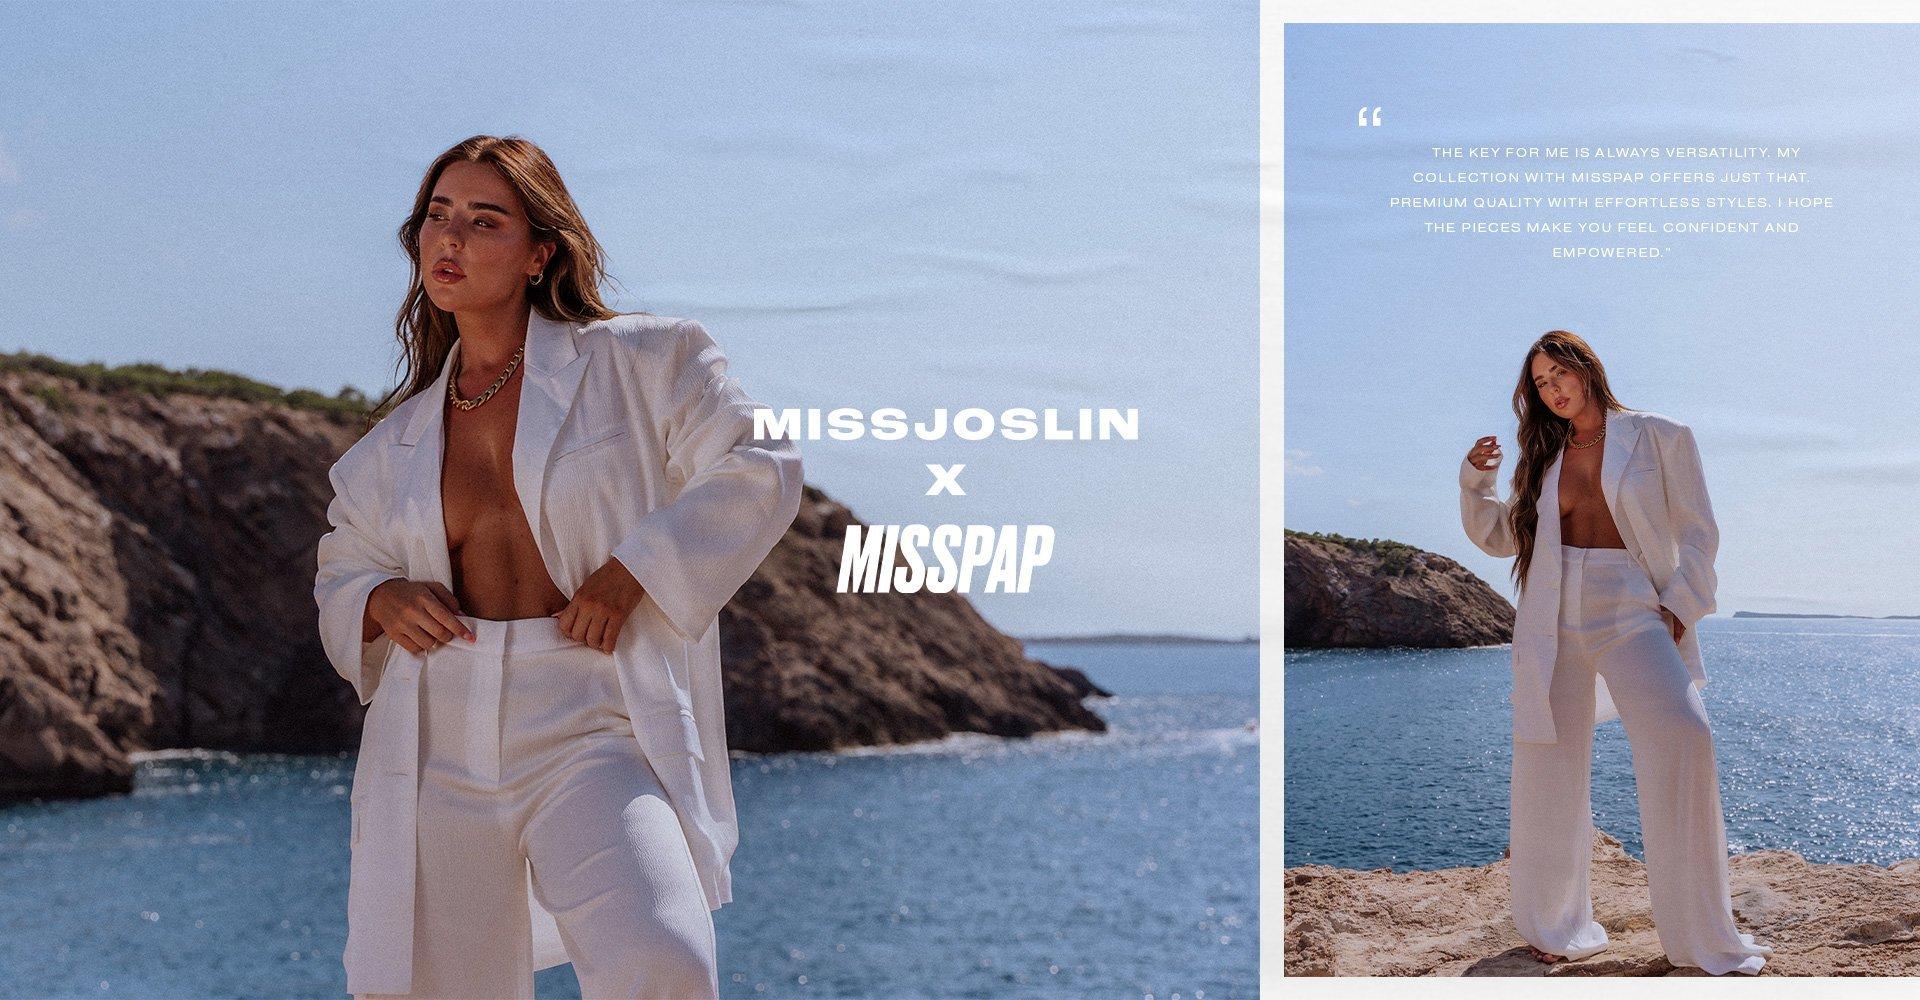 Miss Joslin X Misspap